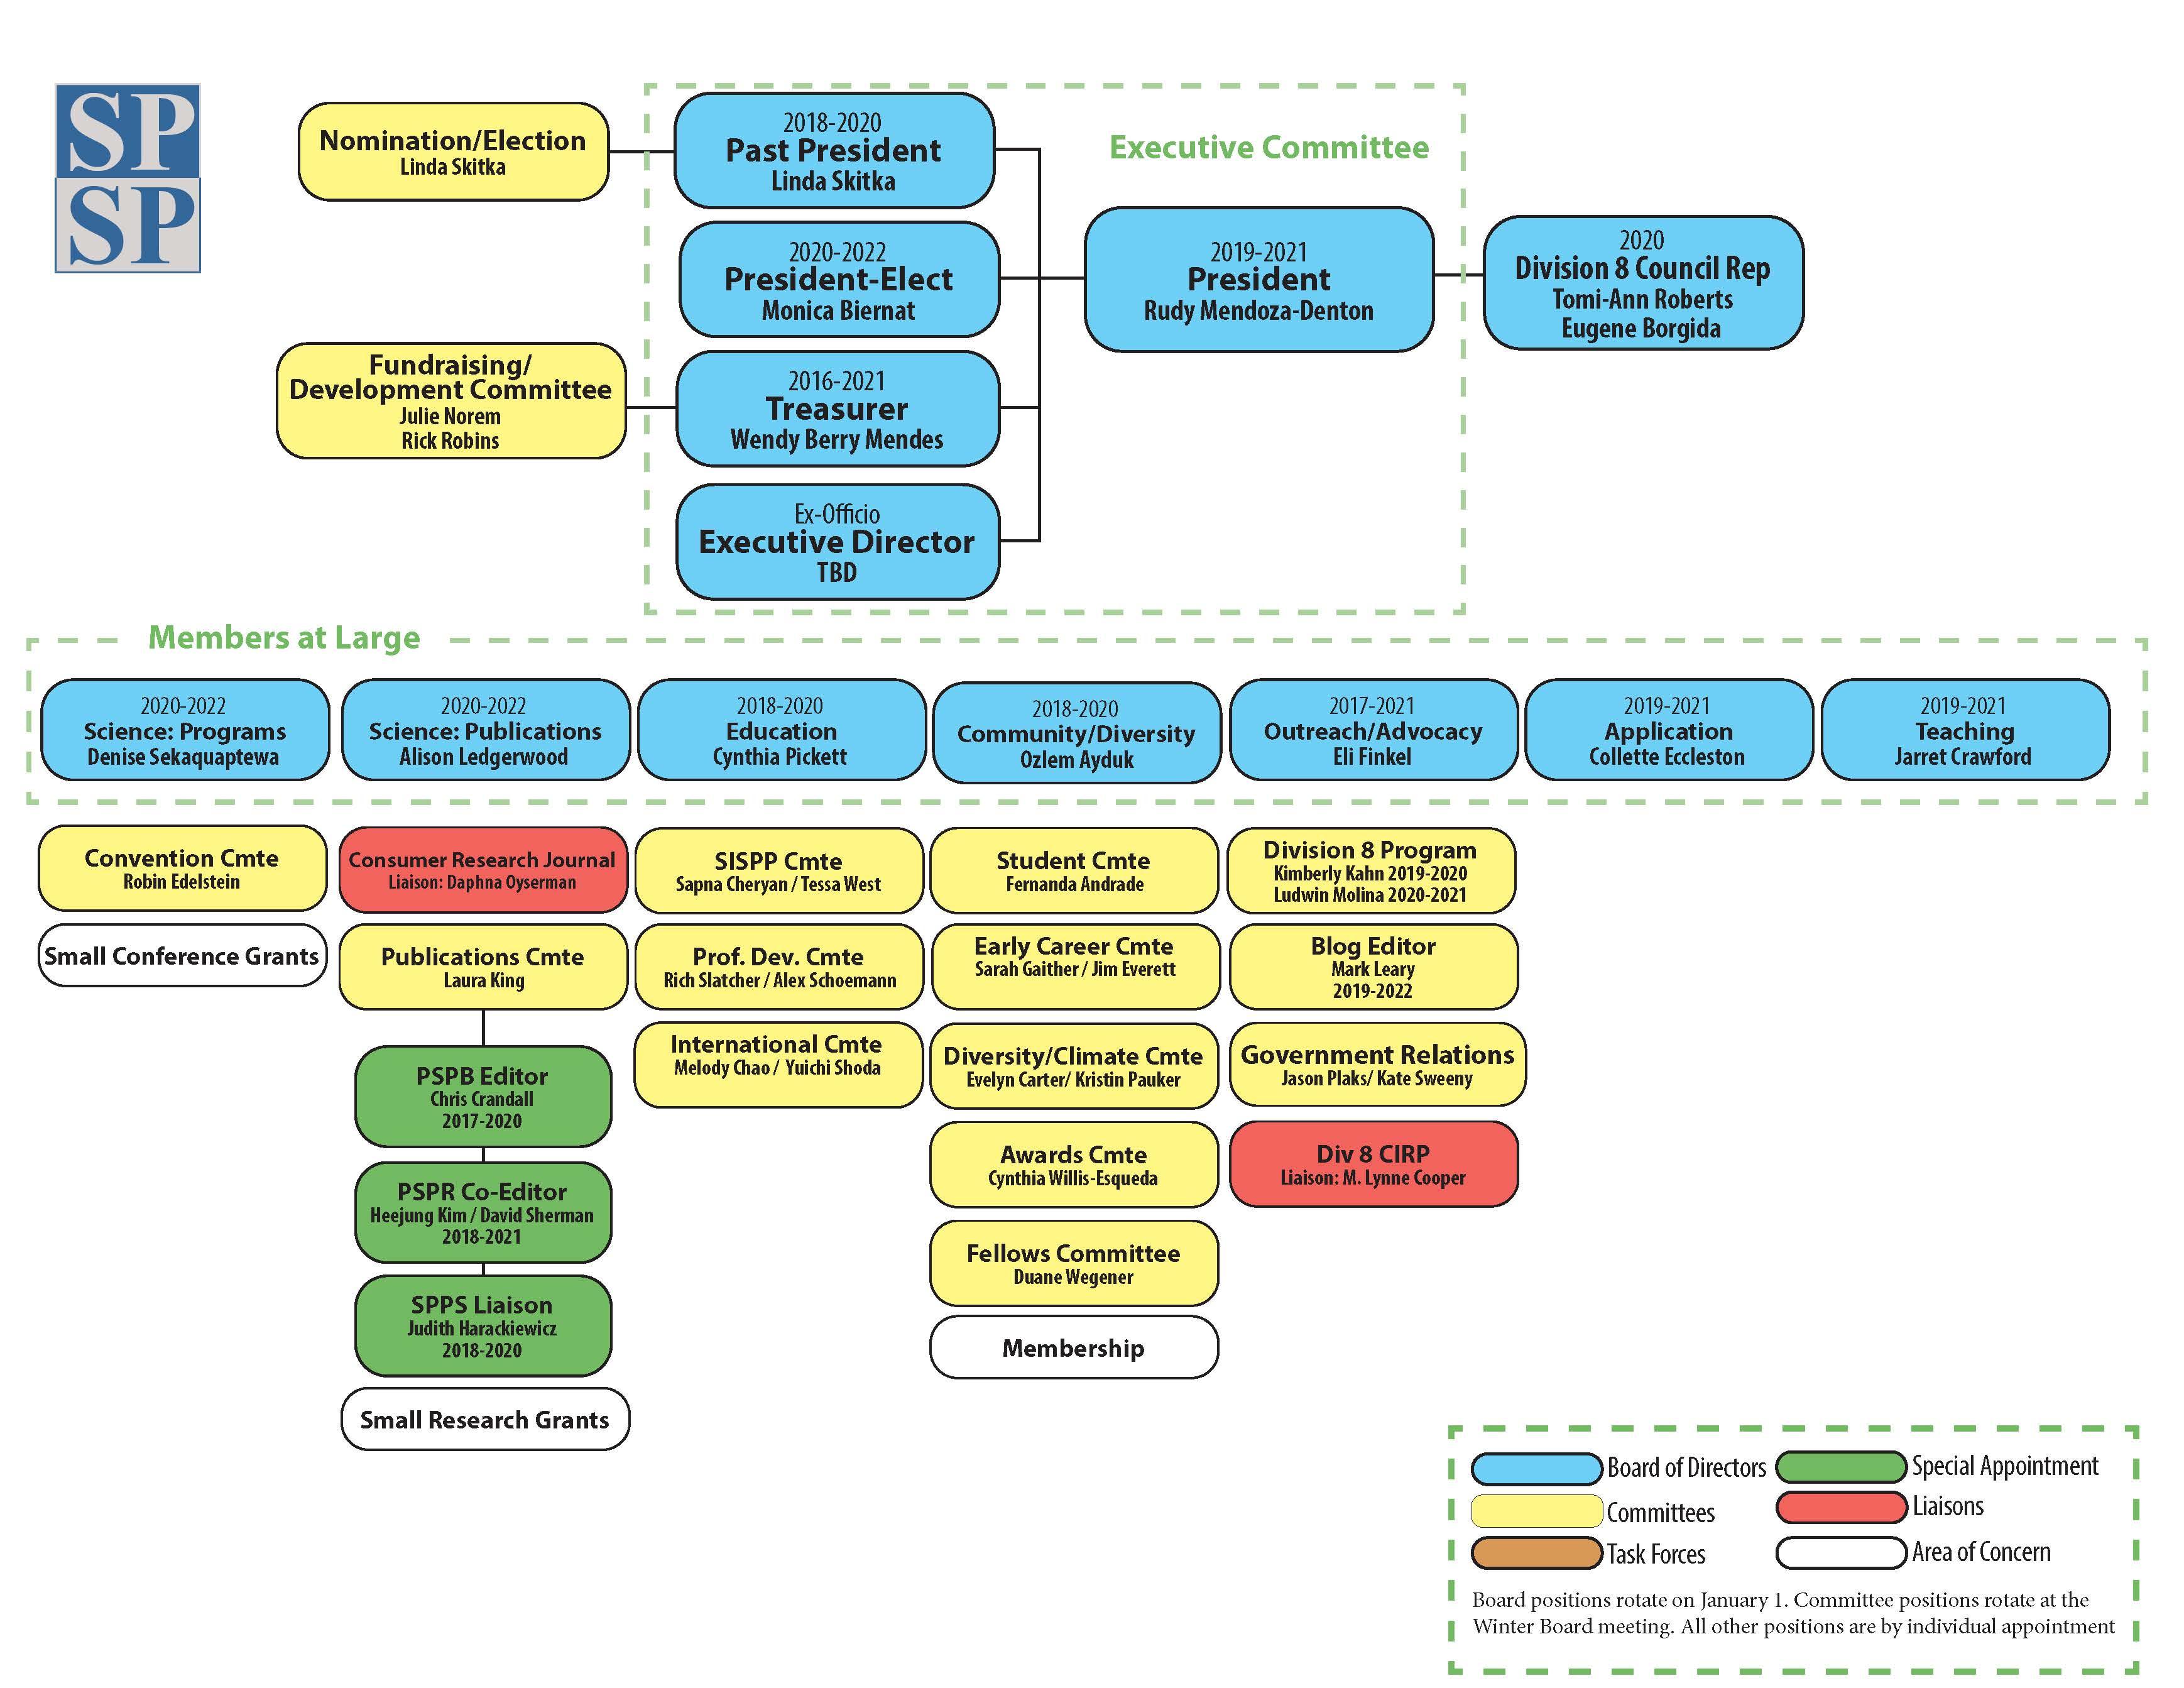 2020 Organizational Chart